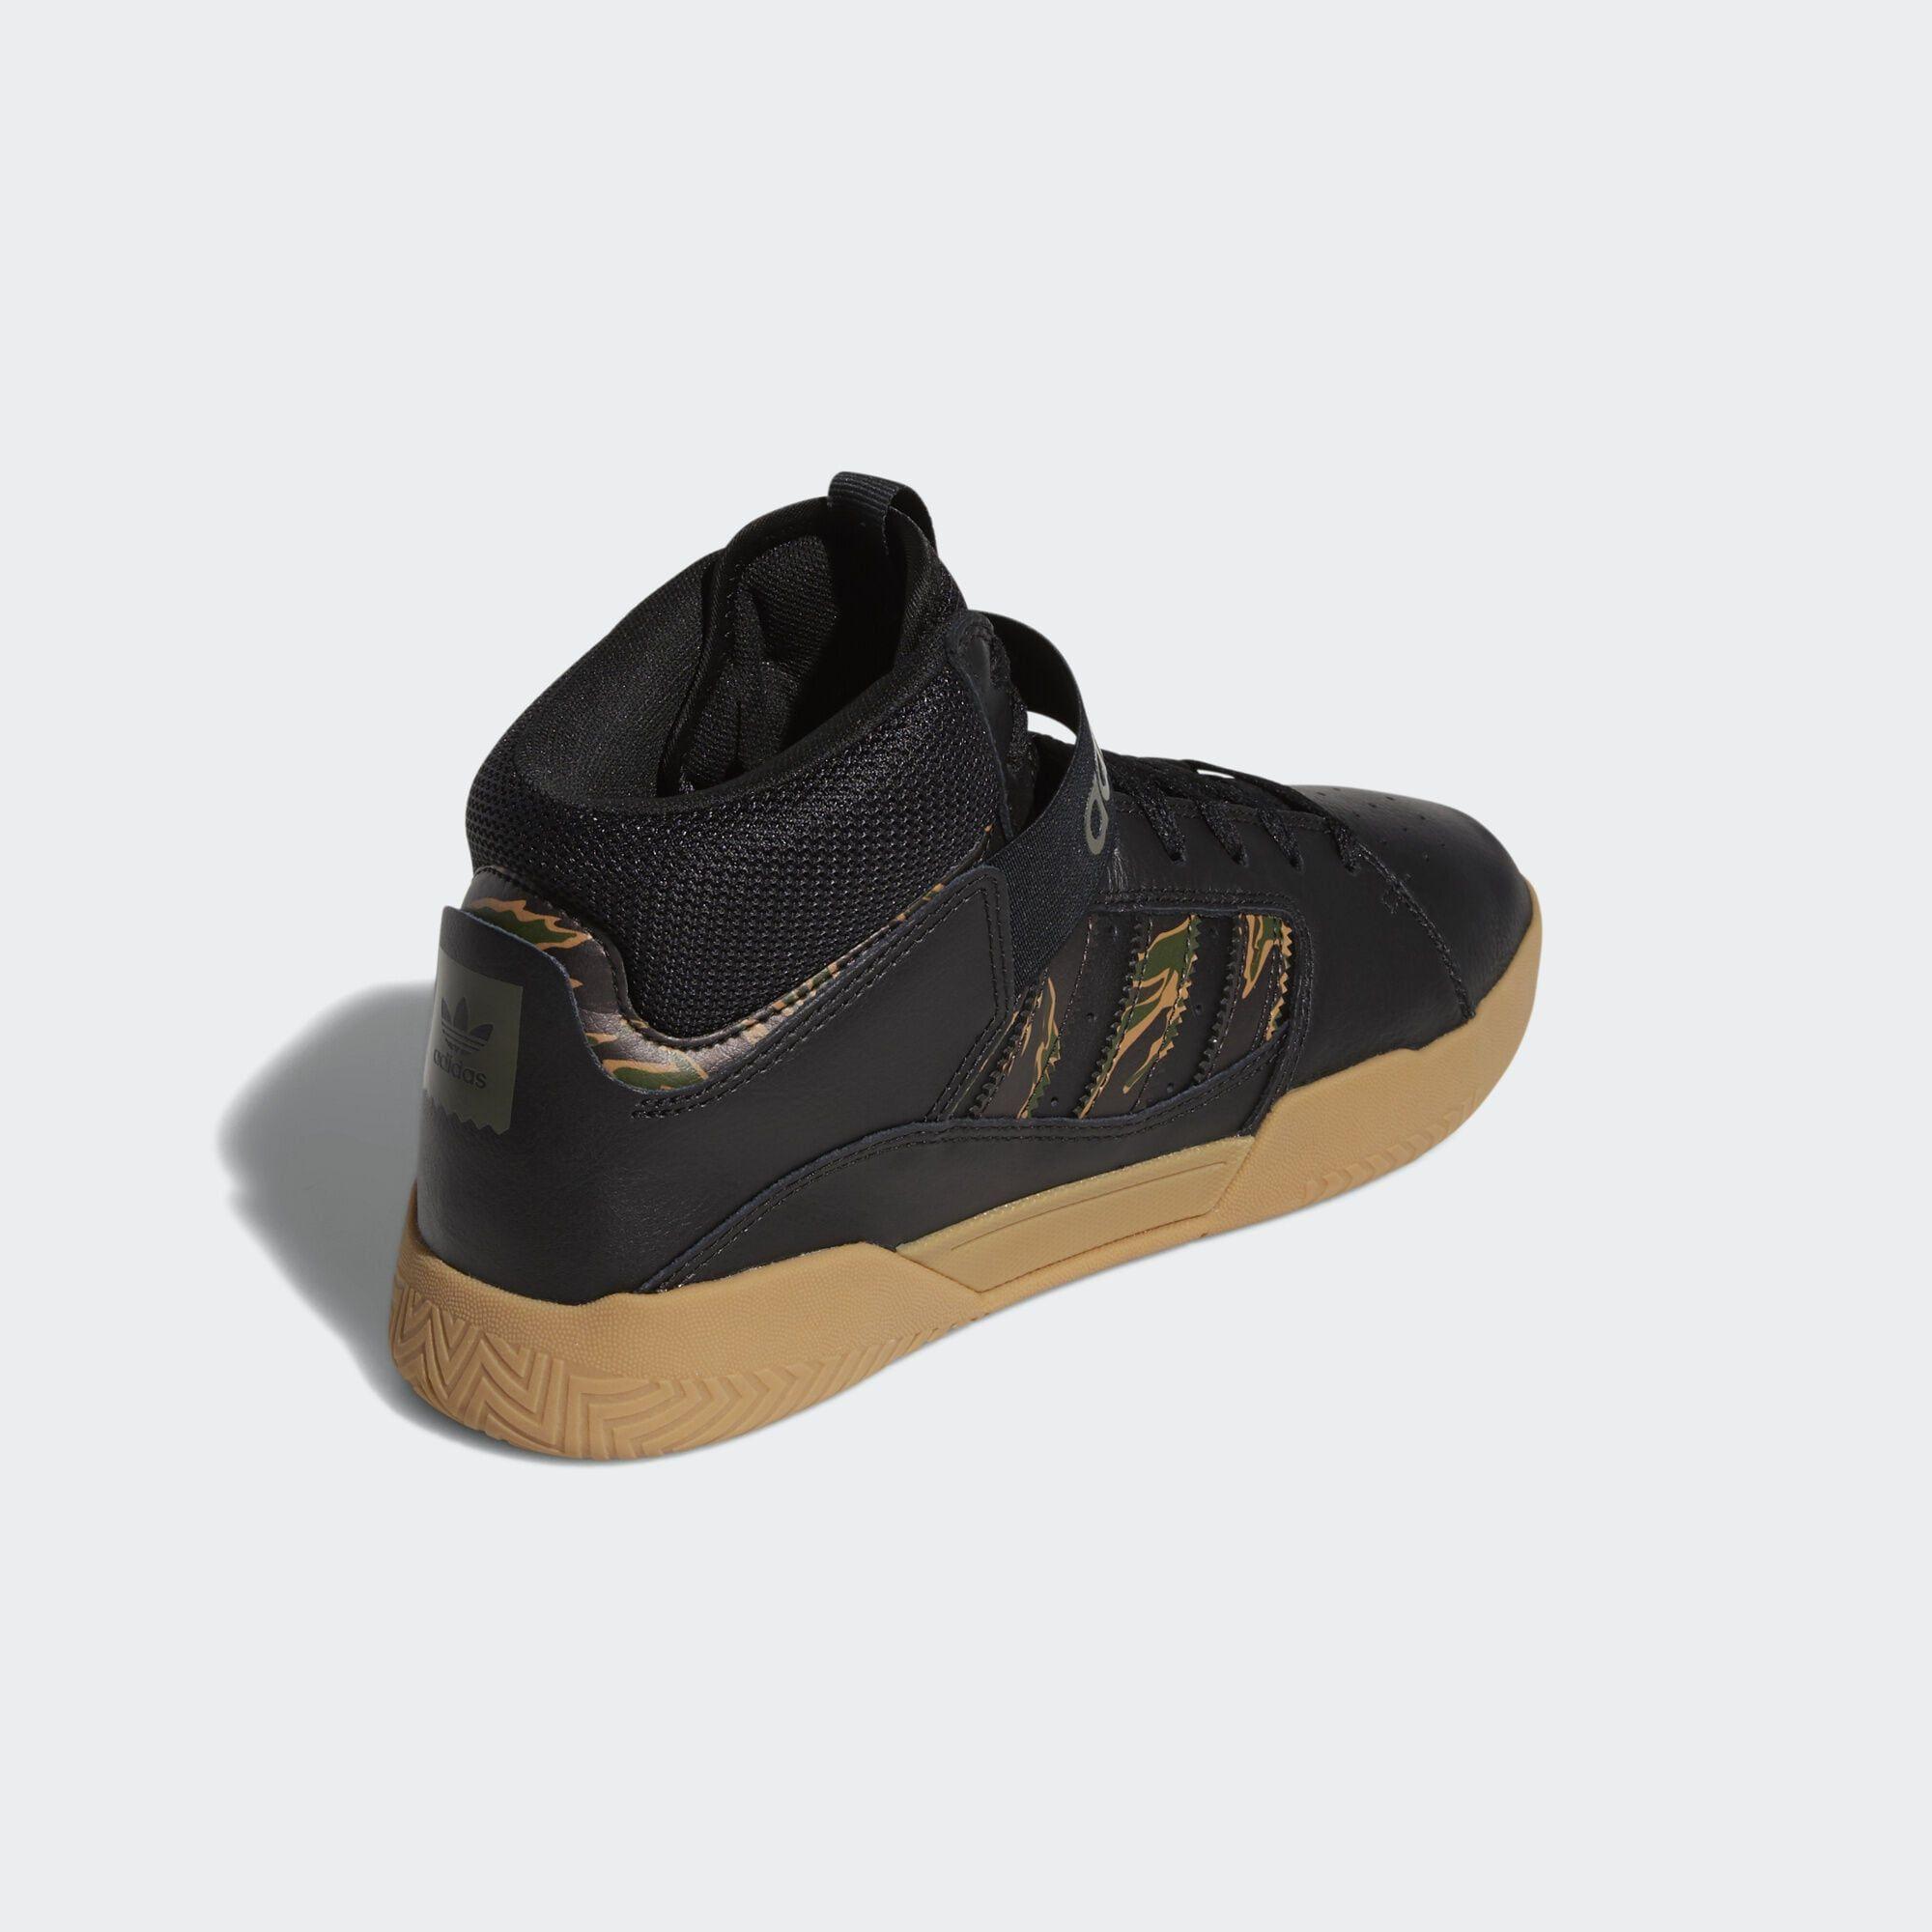 ADIDAS ORIGINALS Schuh Damen, Mischfarben / Schwarz, Größe 42.5/43 #adidasclothes